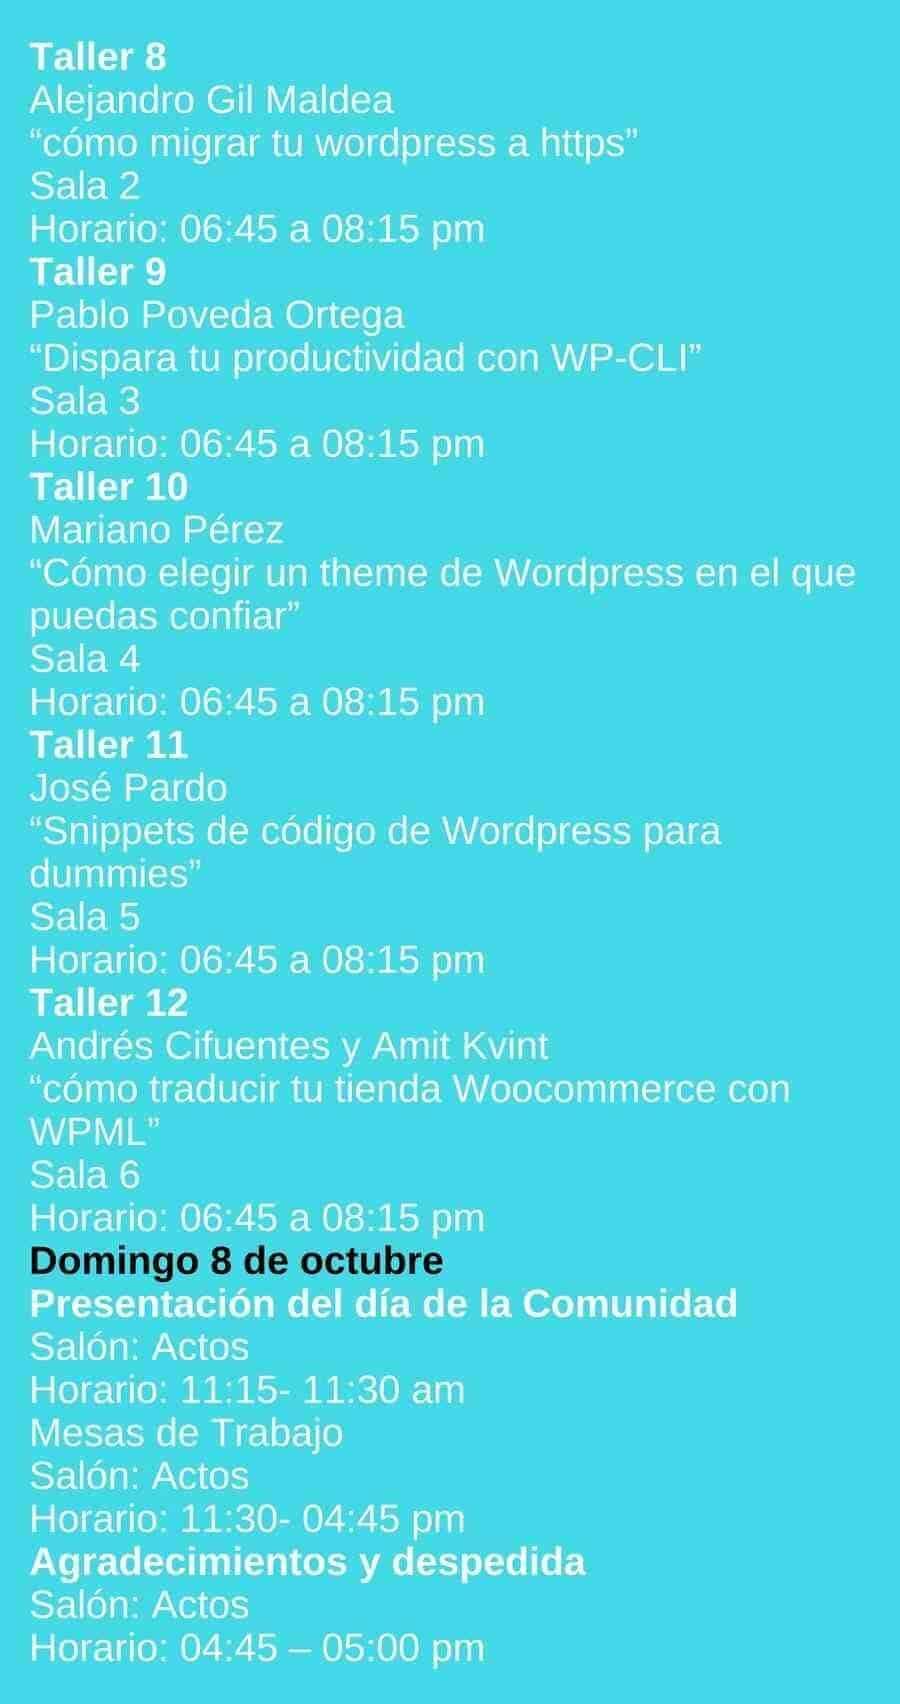 tienda virtual en wordpress wordcamp 4 - servicios softcorp-compressed